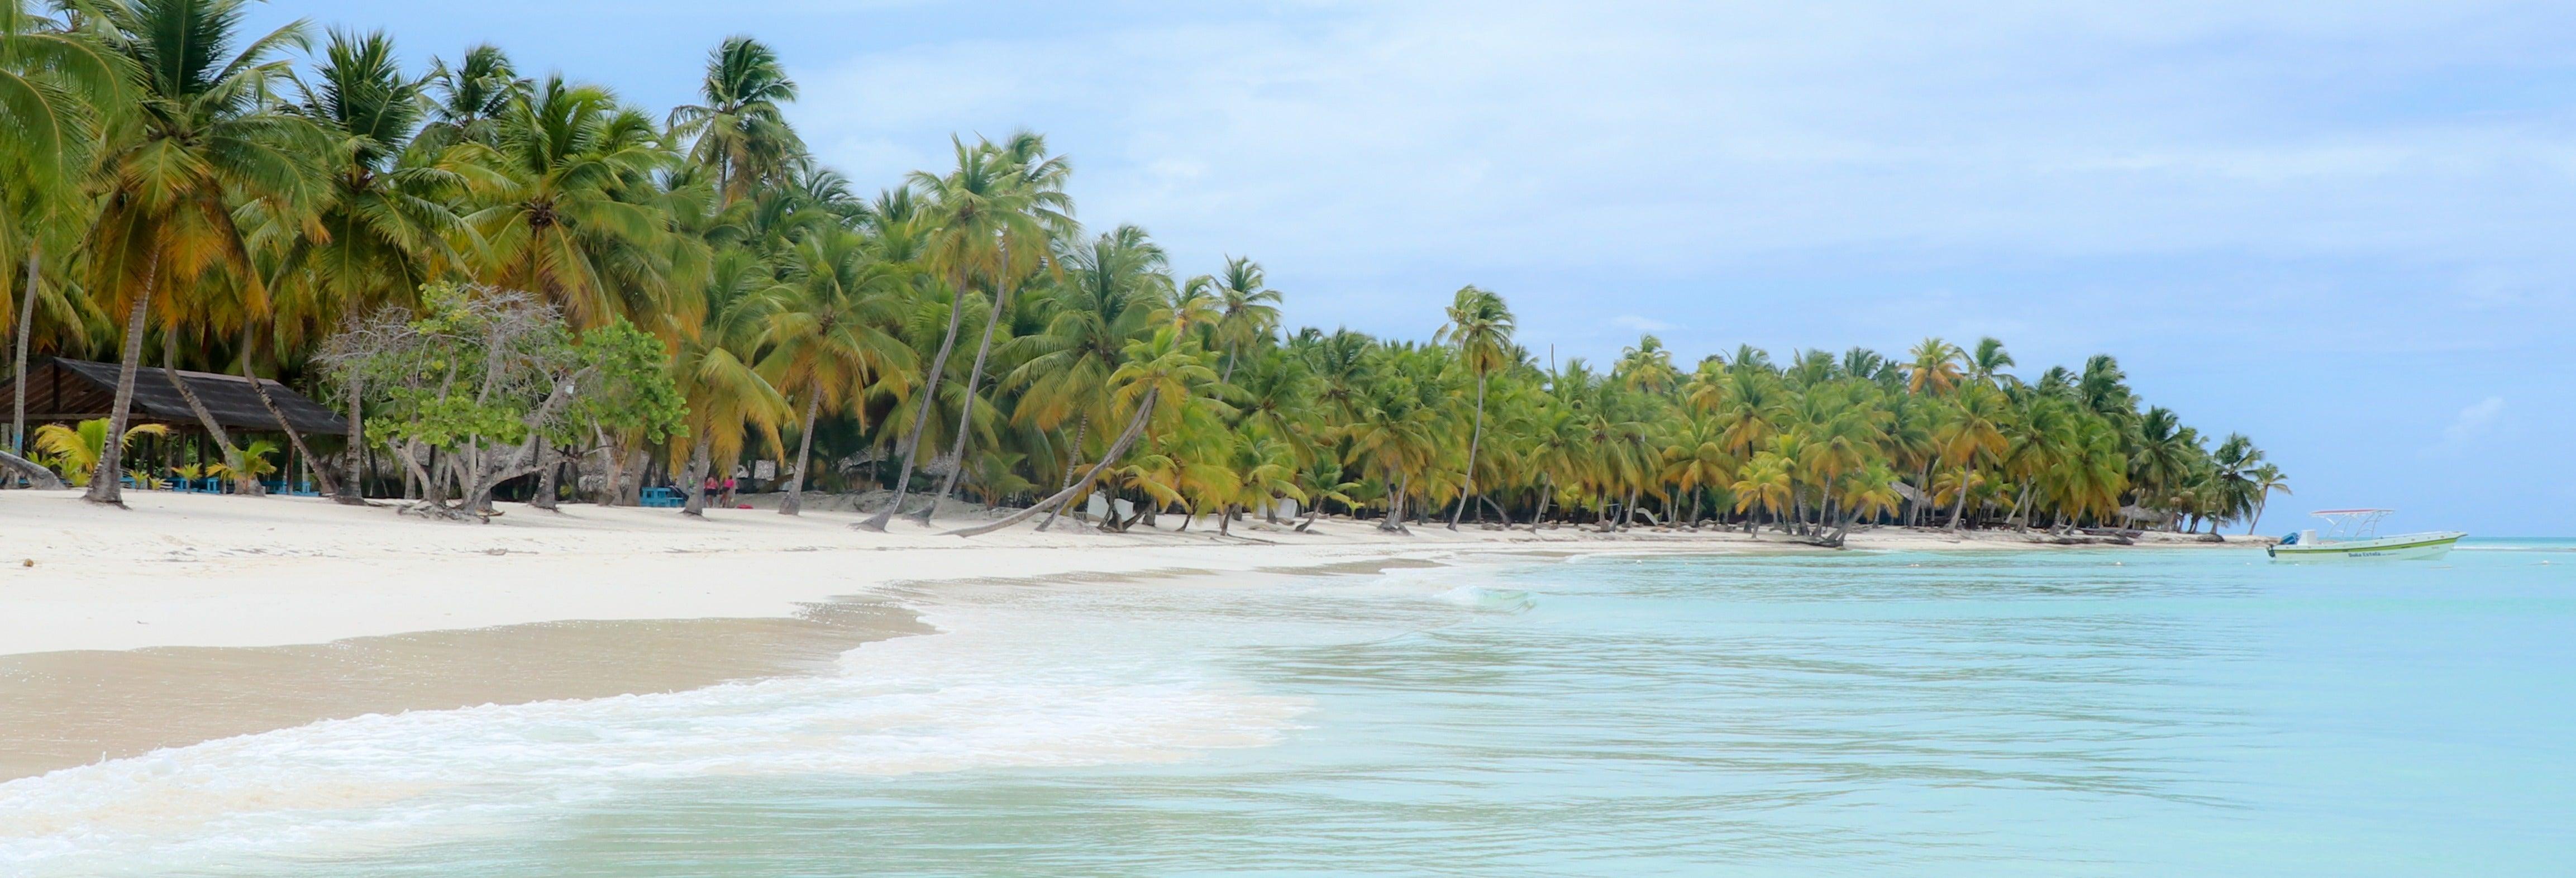 Escursione all'isola di Saona in catamarano